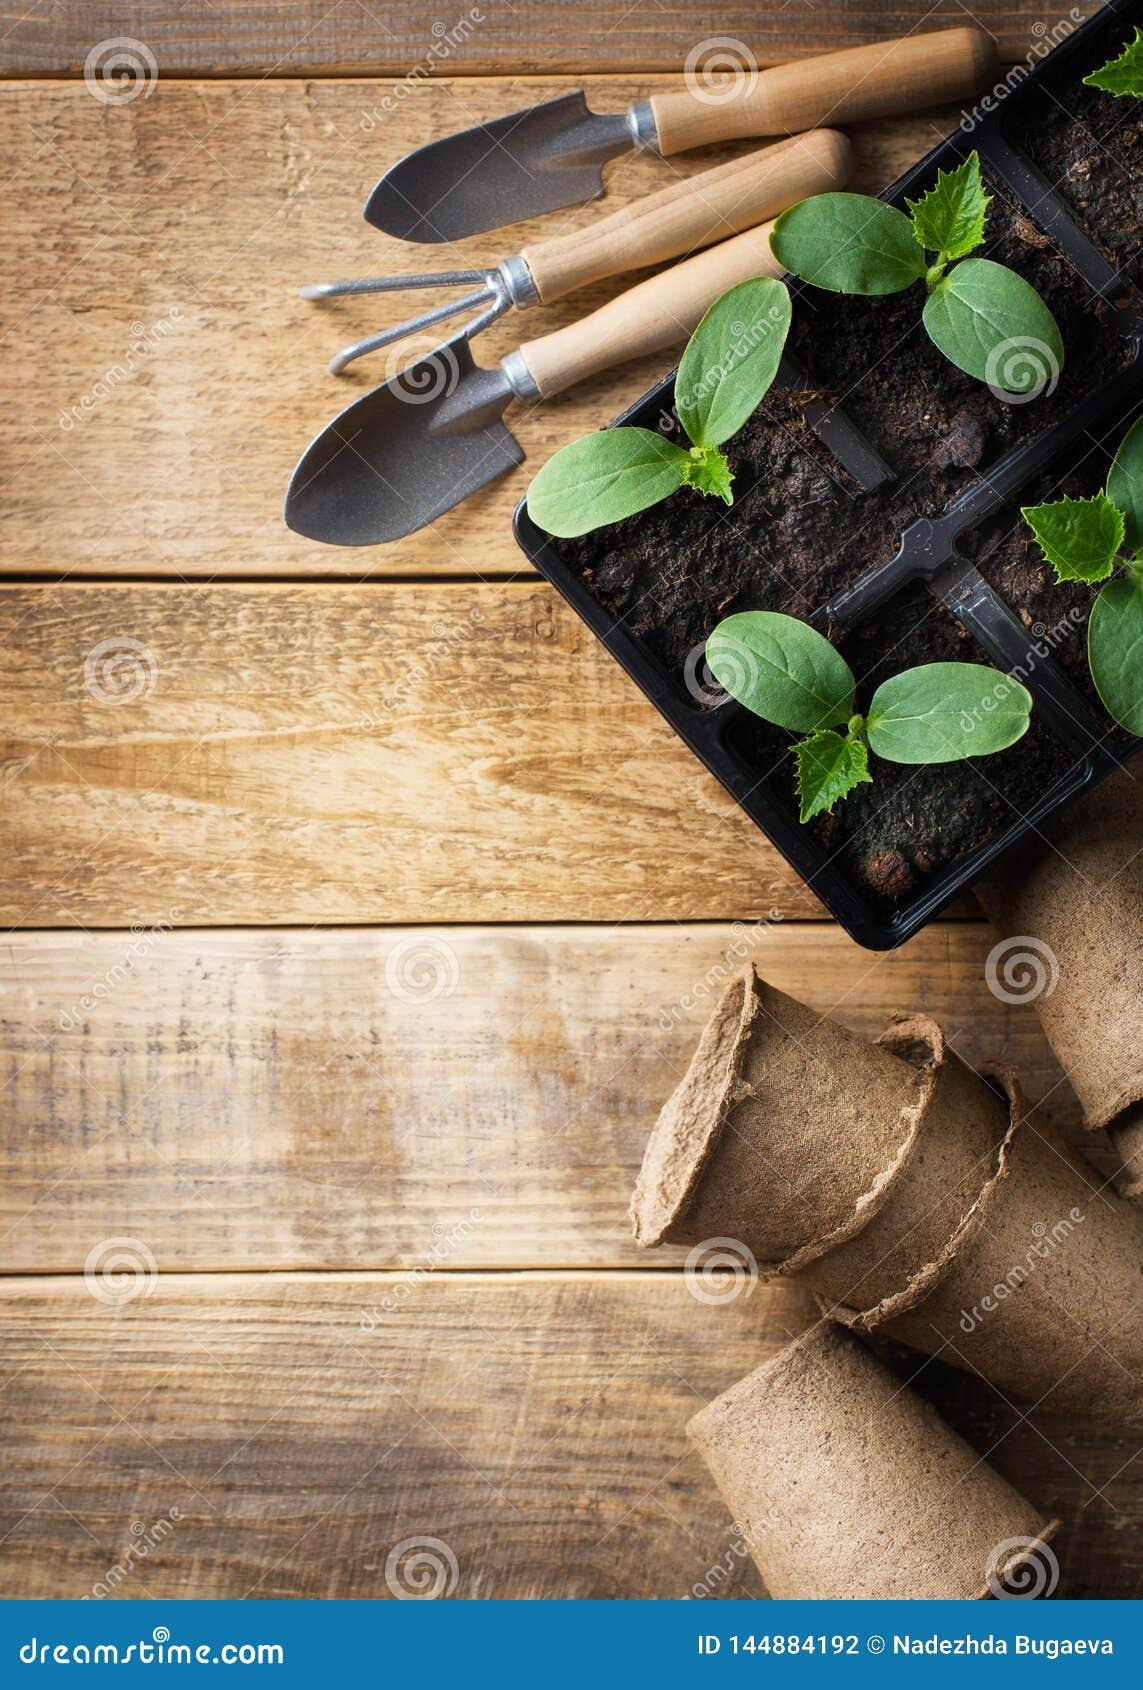 Zielona rozsada w garnkach i narz?dziach na drewnianym tle Ekologia temat